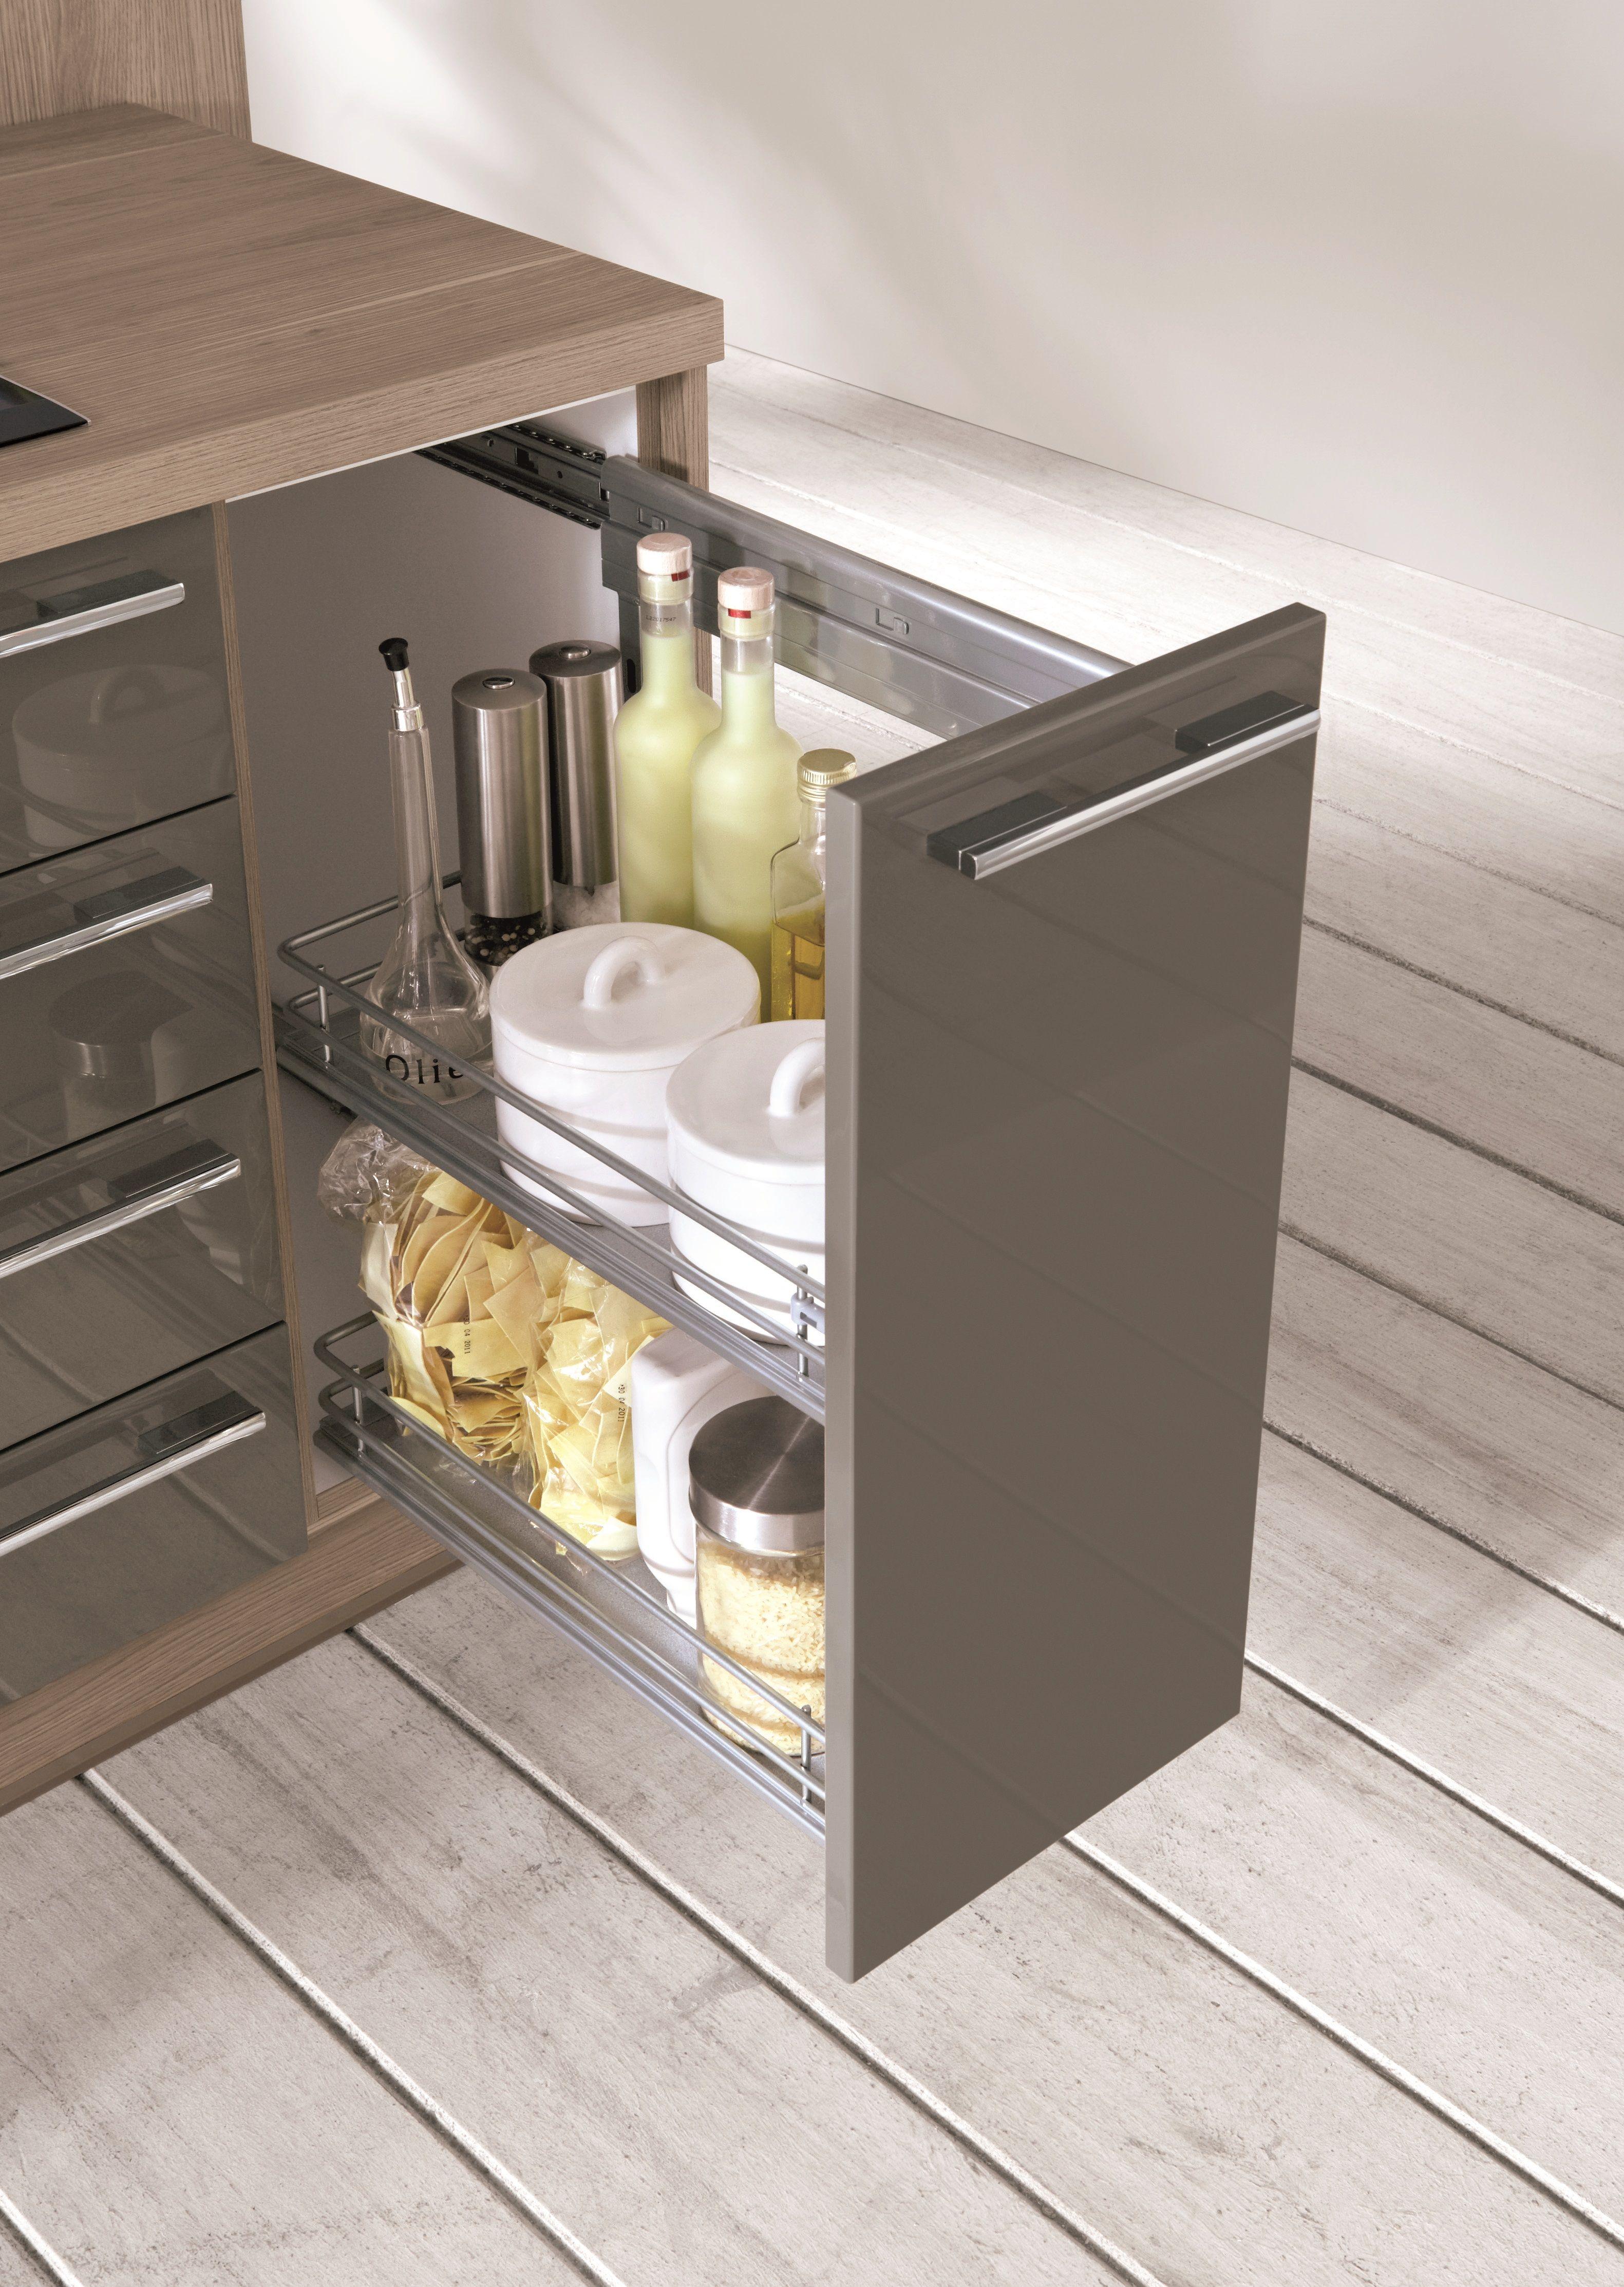 Lux 828 Kuchenne Warszawa Niemieckie Kuchnie Meble Kuchenne Warszawa Meble Nobilia Ku Kitchen Interior Design Modern Ikea Kitchen Rack Kitchen Room Design